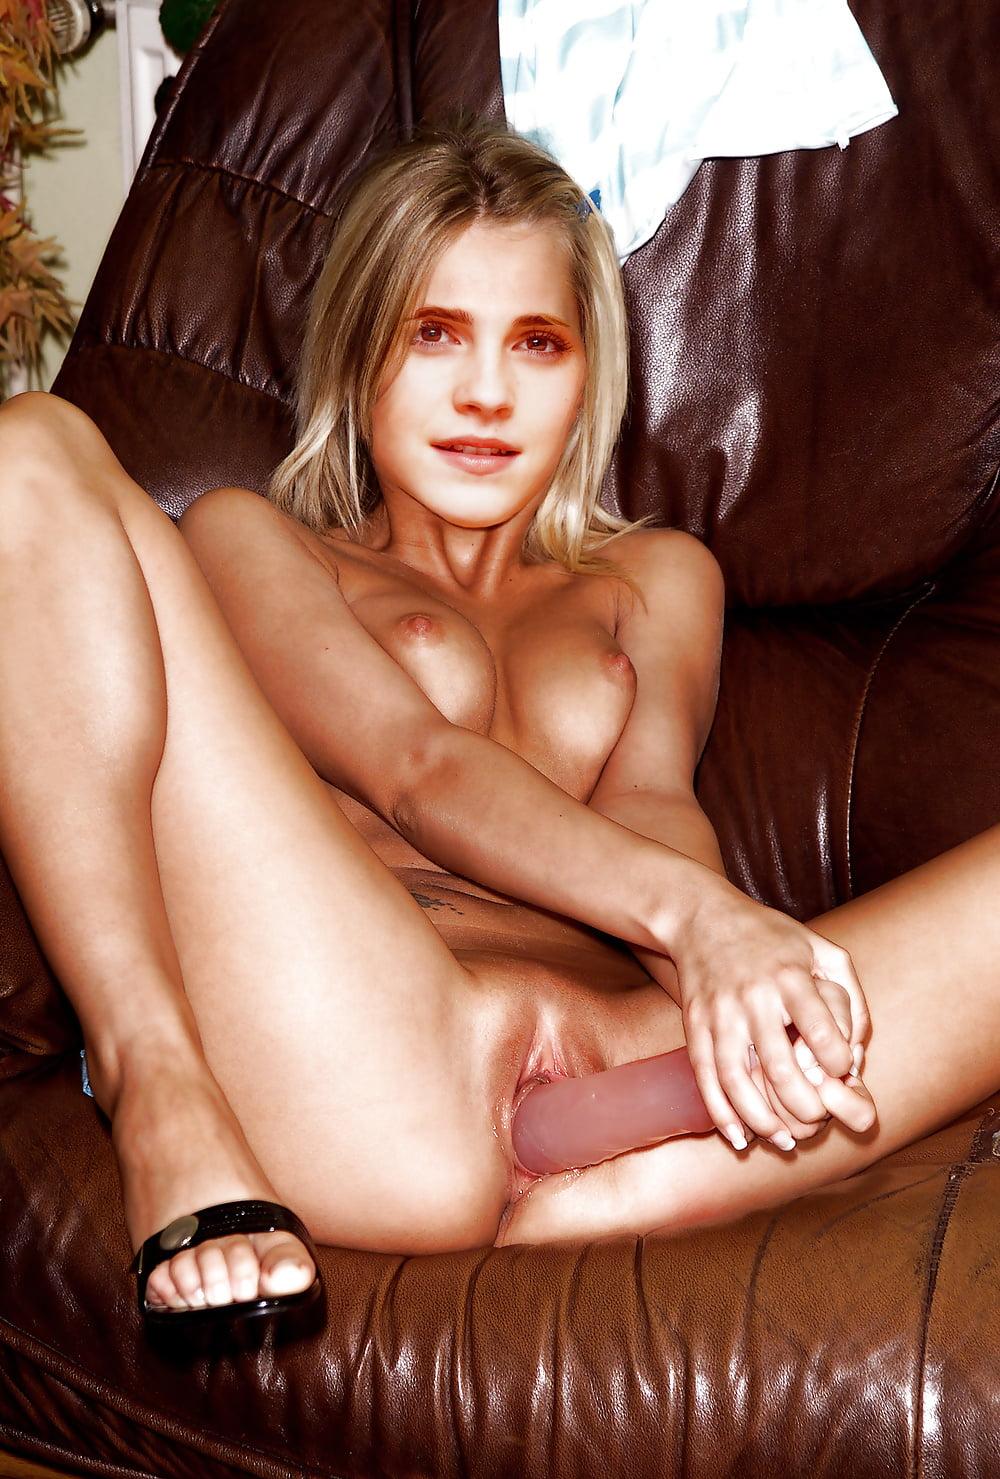 Emma watson dildo, miss university of arkansas nude